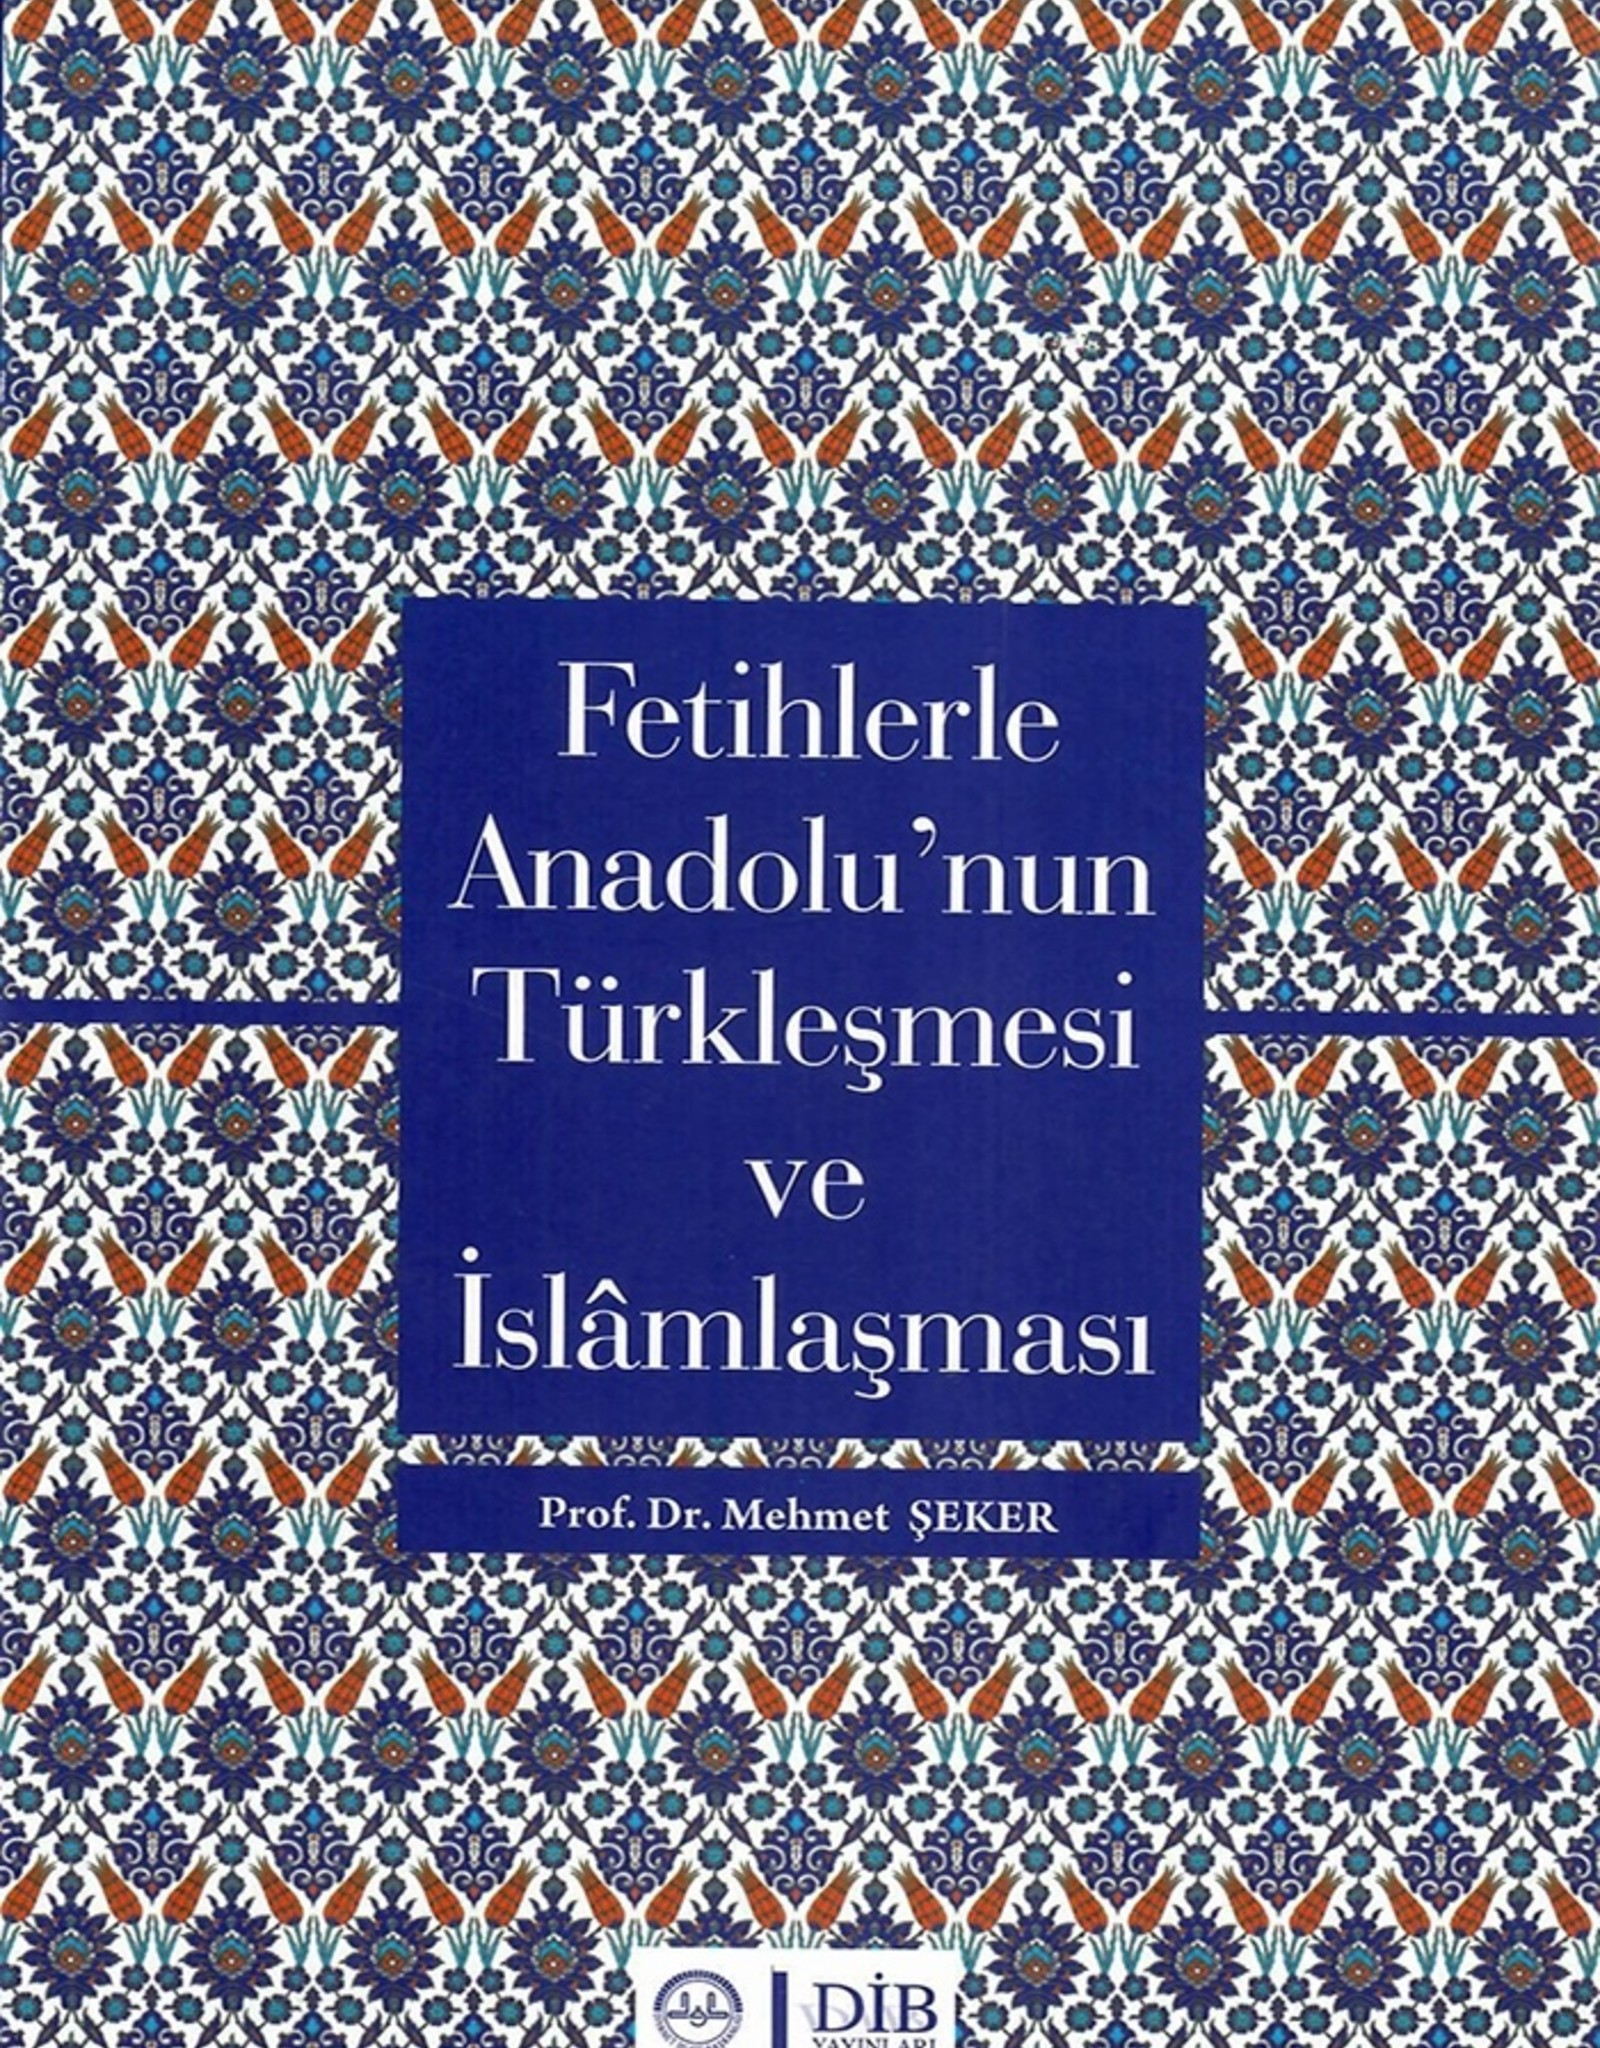 Fetihlerle Anadolu'nun Türkleşmesi ve Islamlaşması